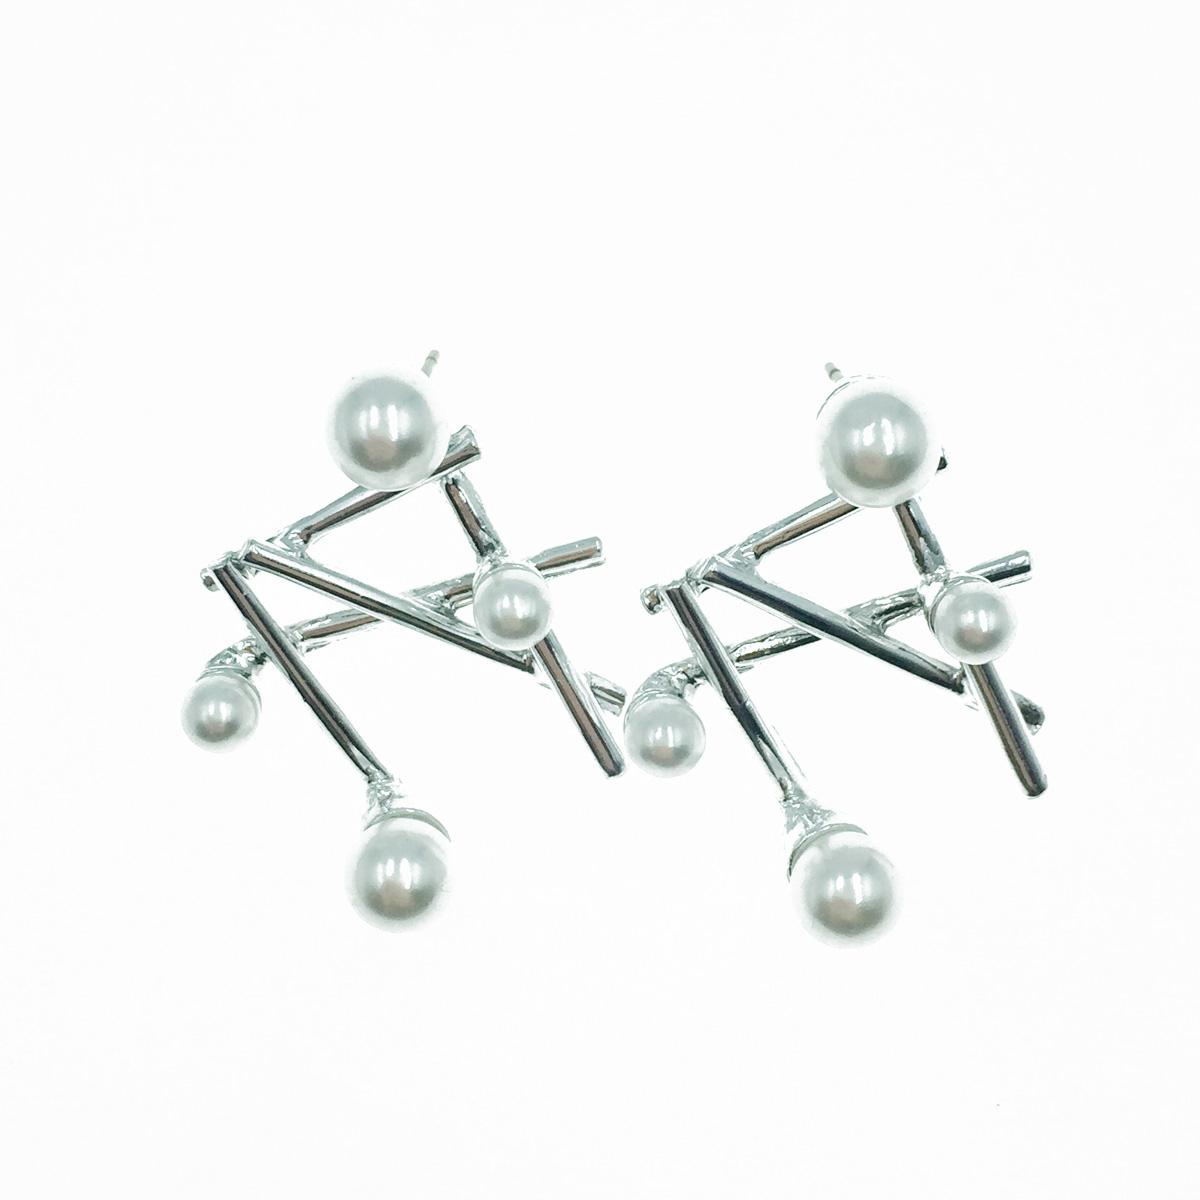 韓國 925純銀 珍珠 不規則重疊金屬條 耳針式耳環